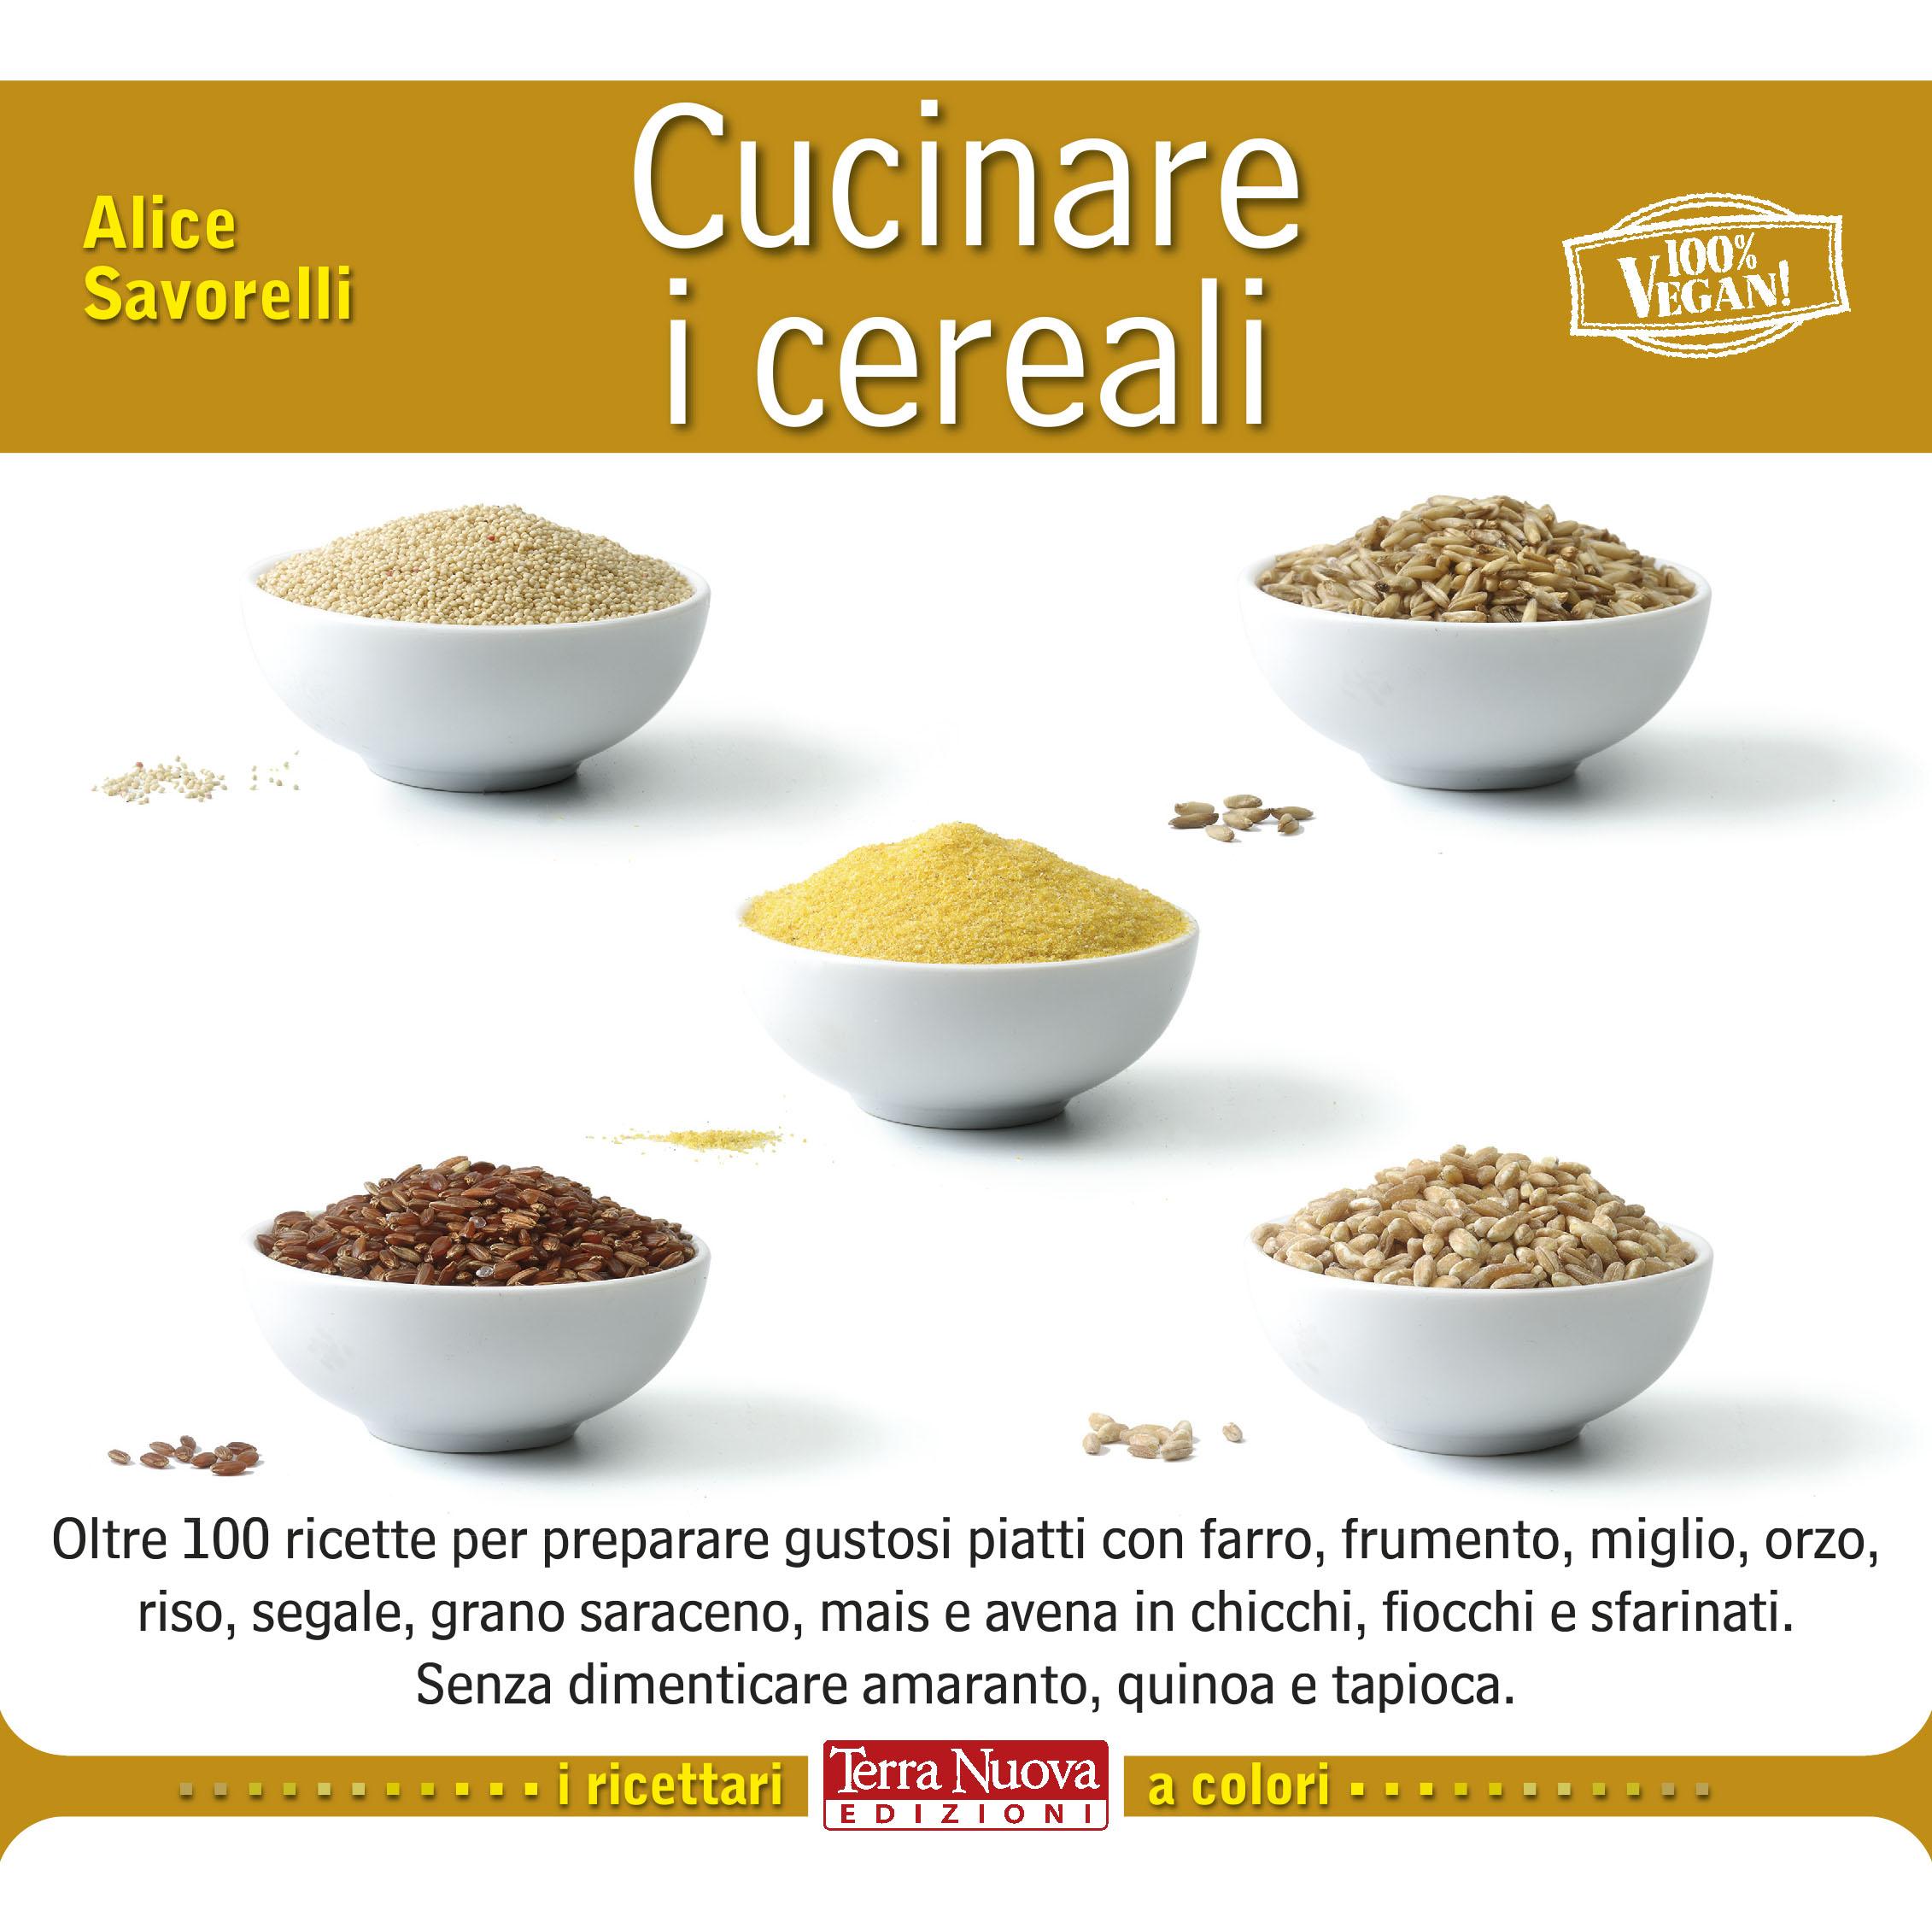 Cucinare i cereali for Cucinare miglio